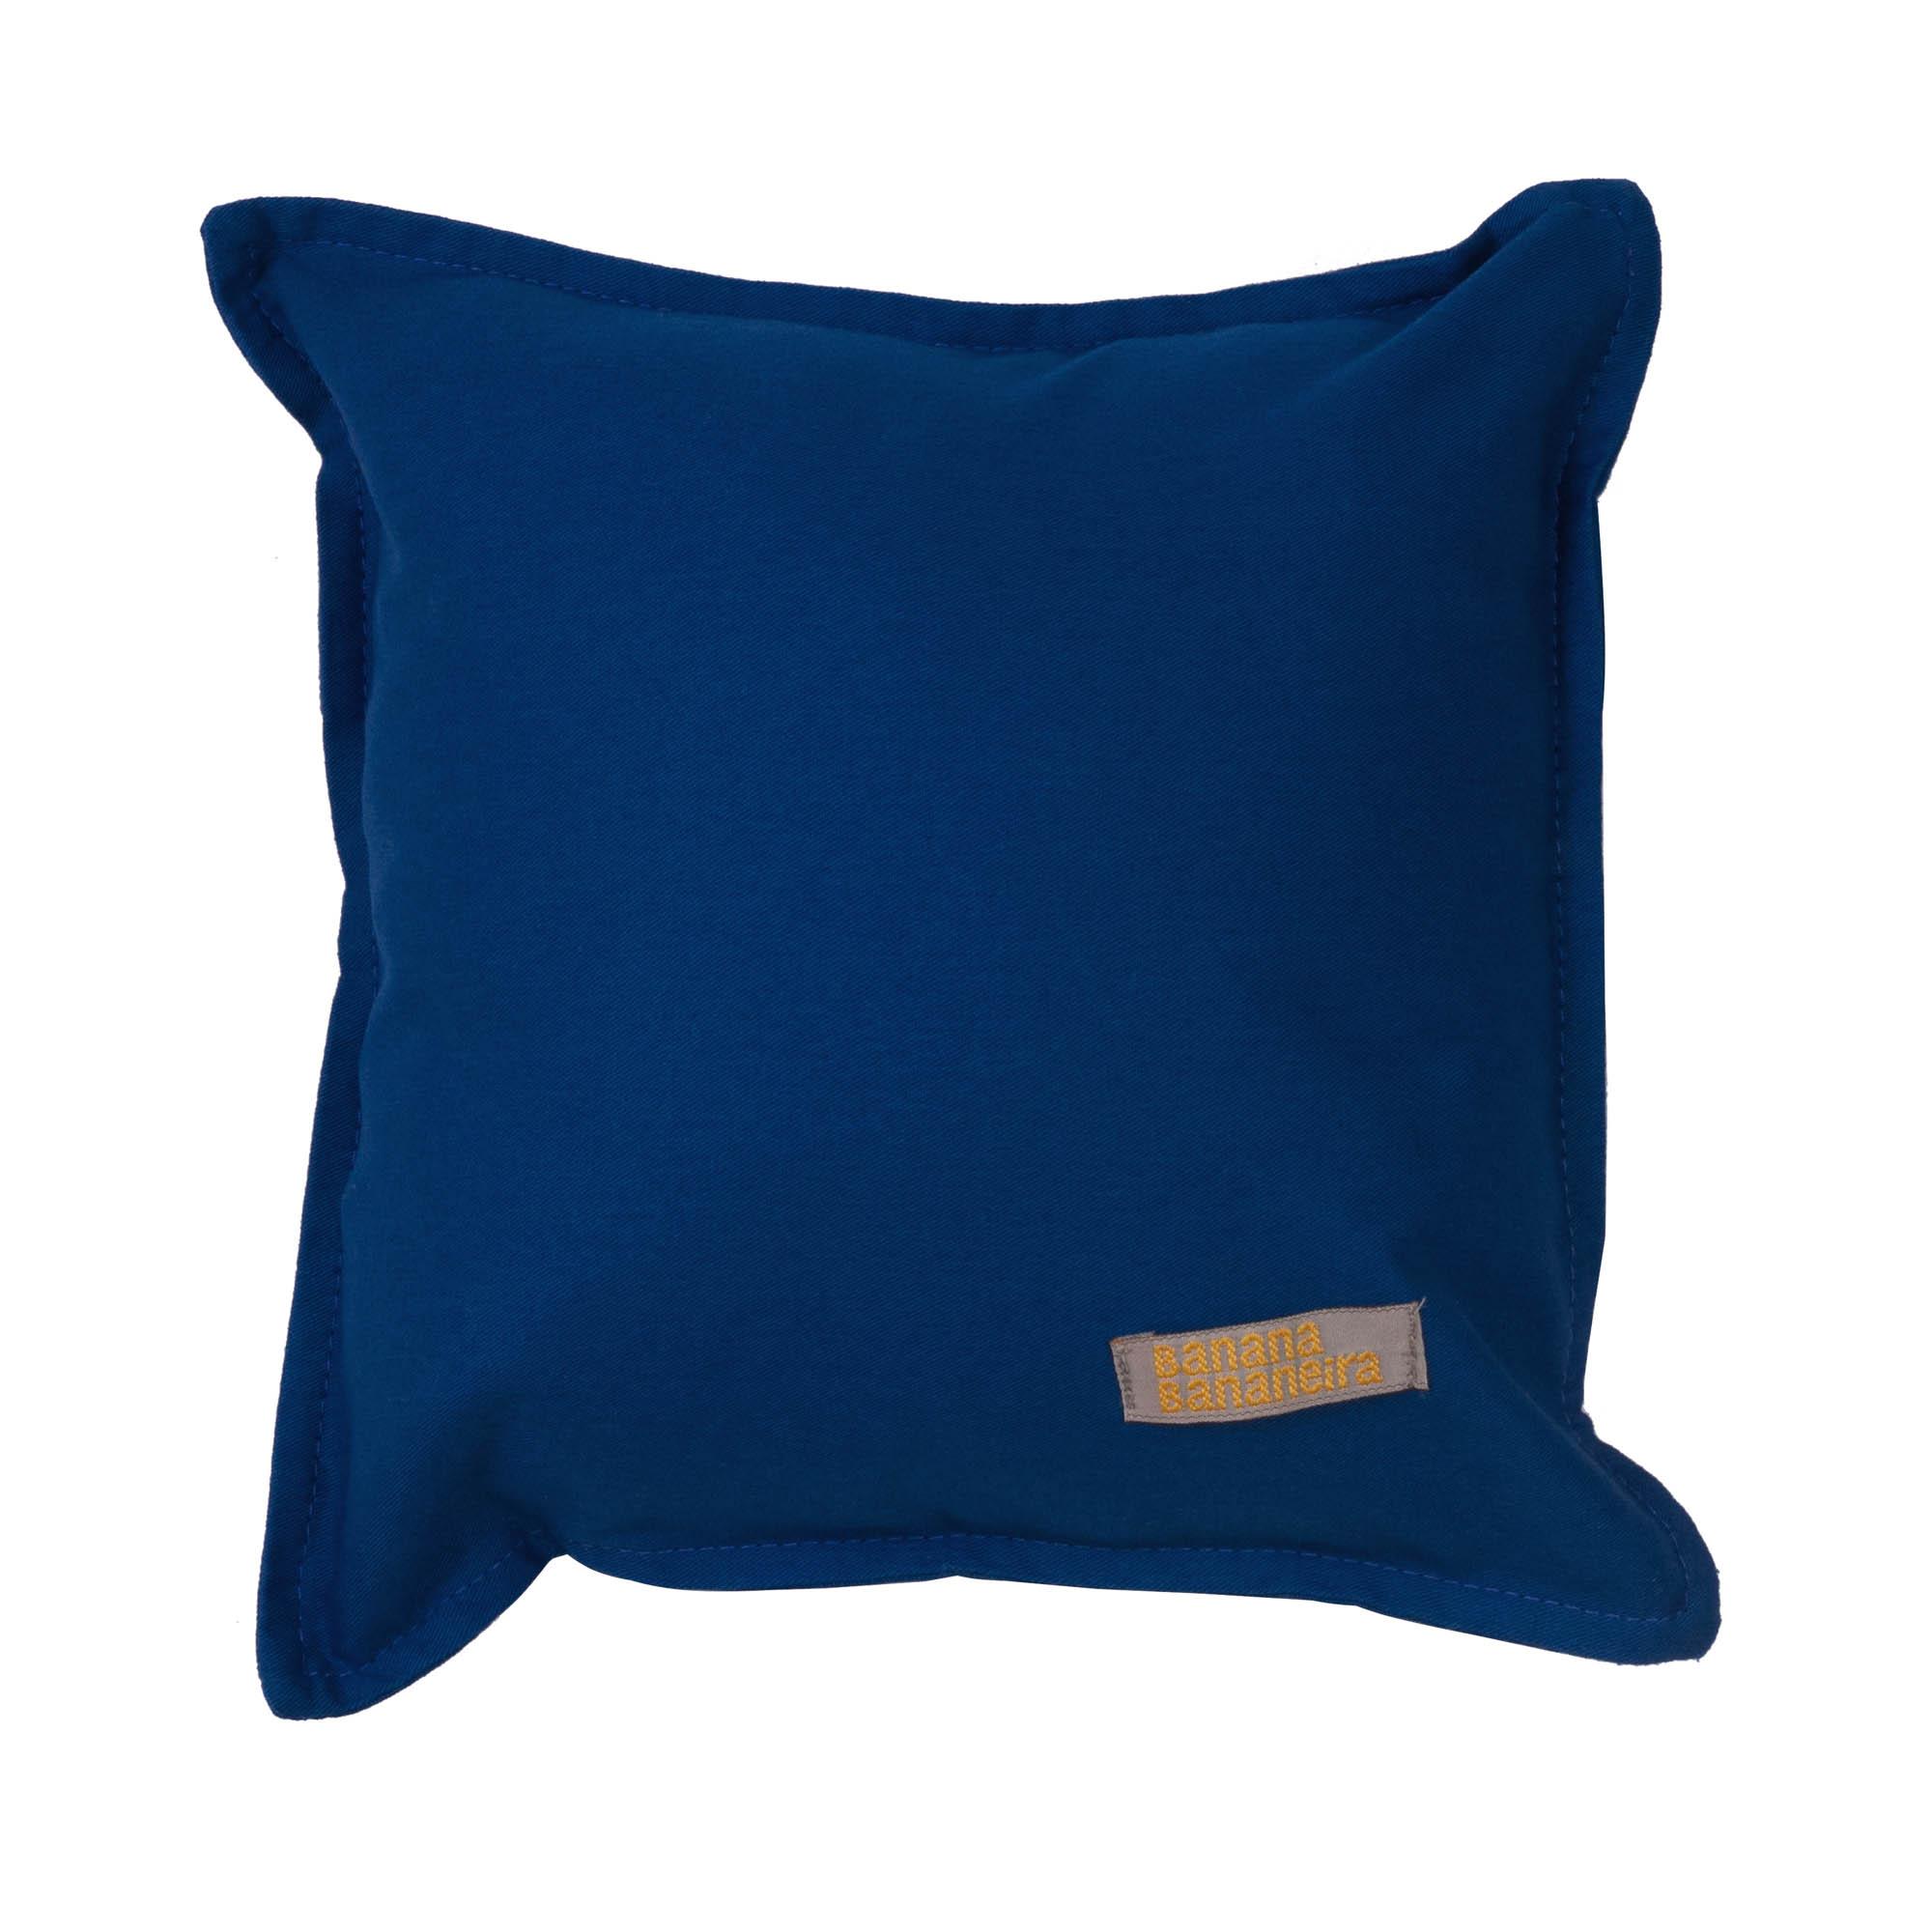 Almofada em pesponto 25 cm x 25 cm azul clássico